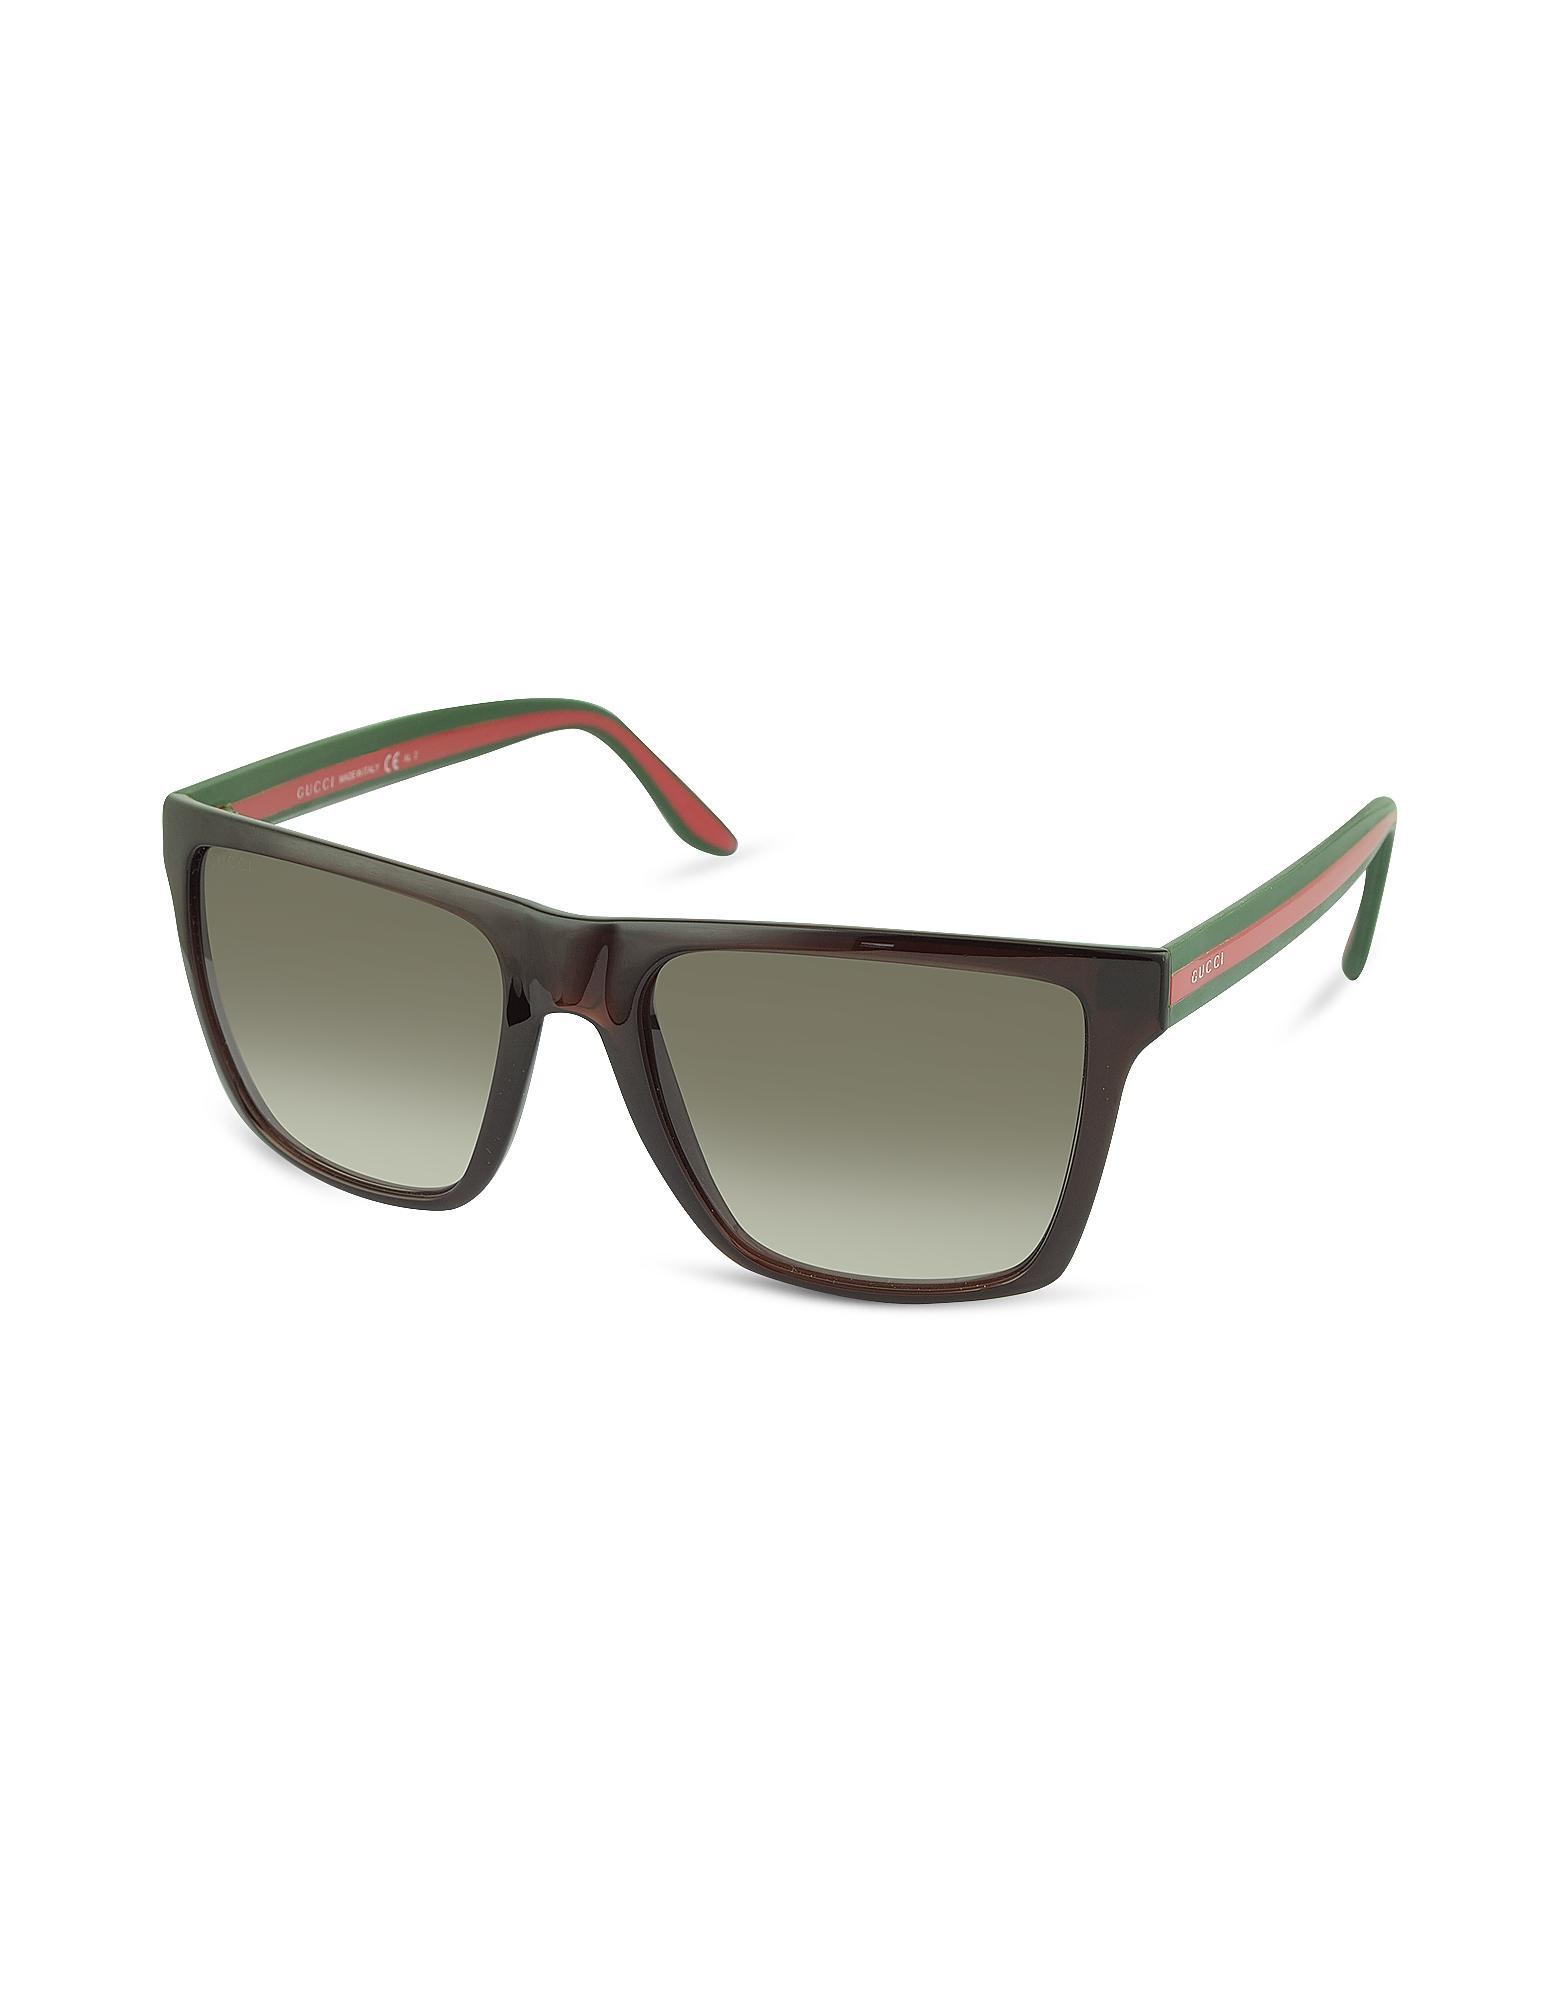 Prada Women S Catwalk Cat Eye Acetate Frame Sunglasses